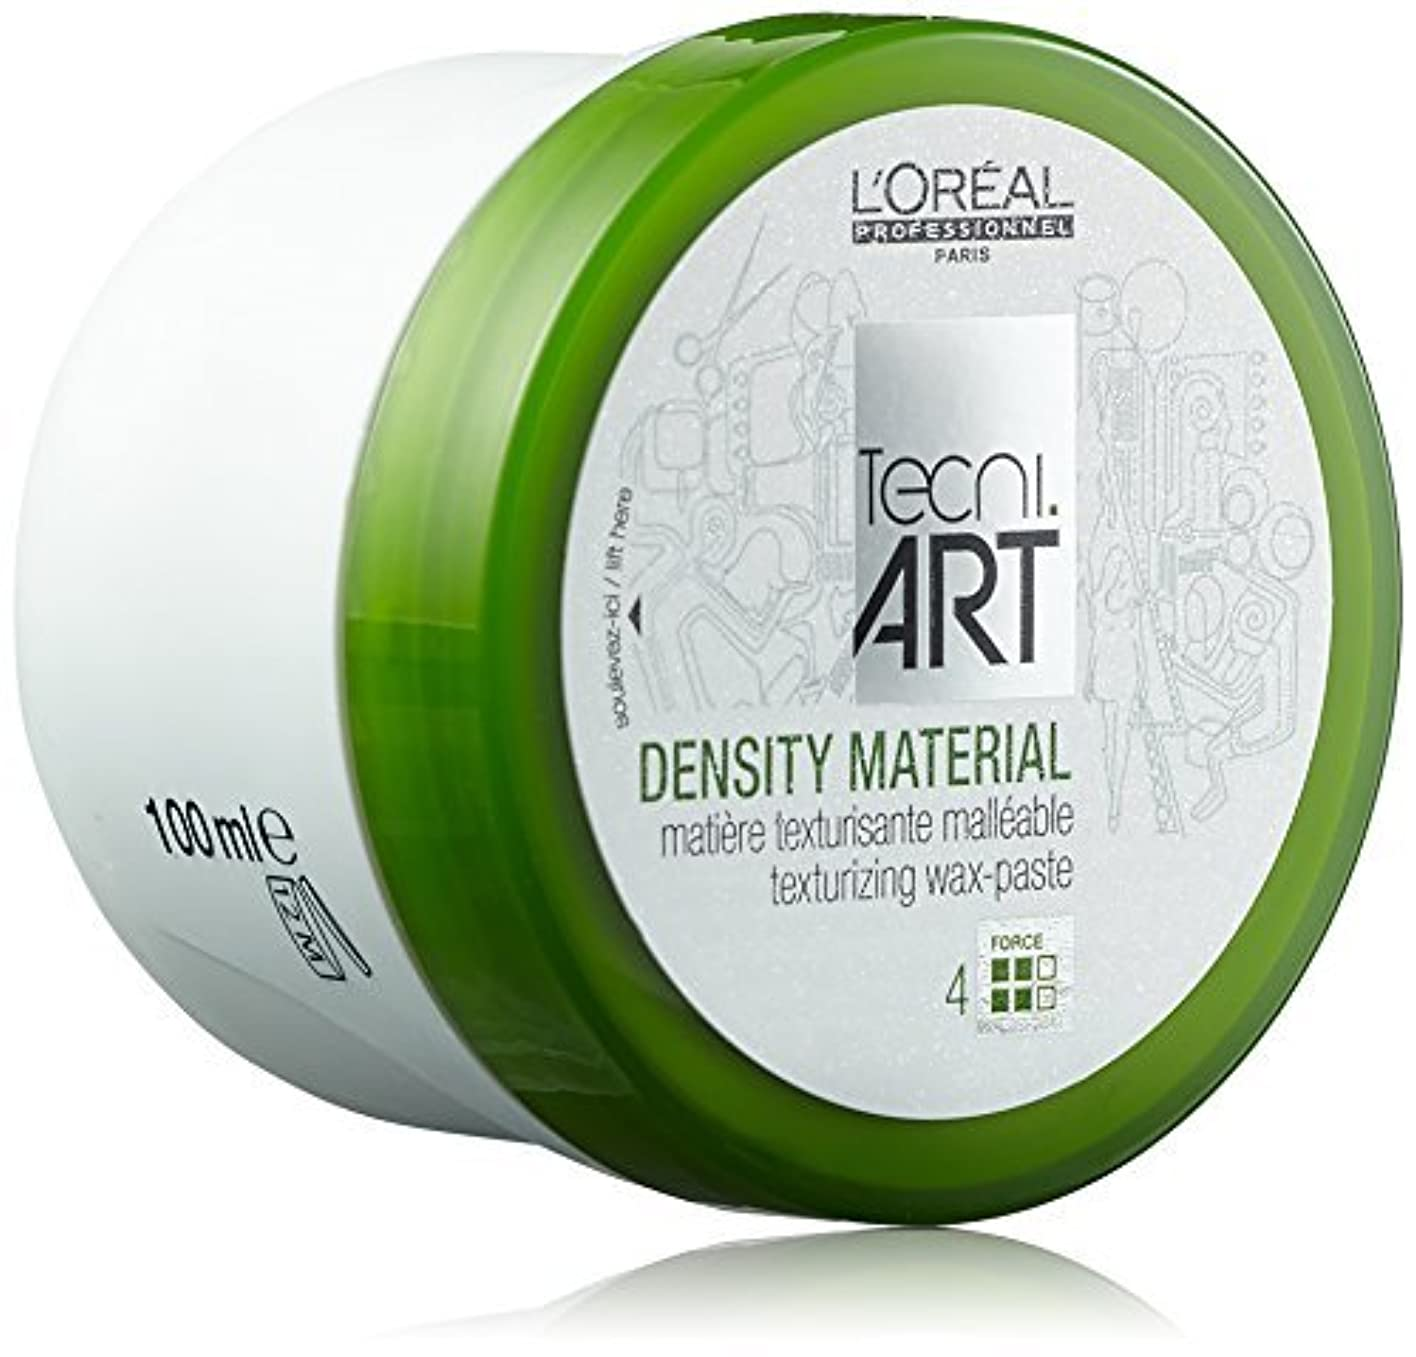 完璧発生器太鼓腹L'Oreal Professionnel Tecni.Art Play Ball Density Material 100ml/3.4oz by L'oreal [並行輸入品]